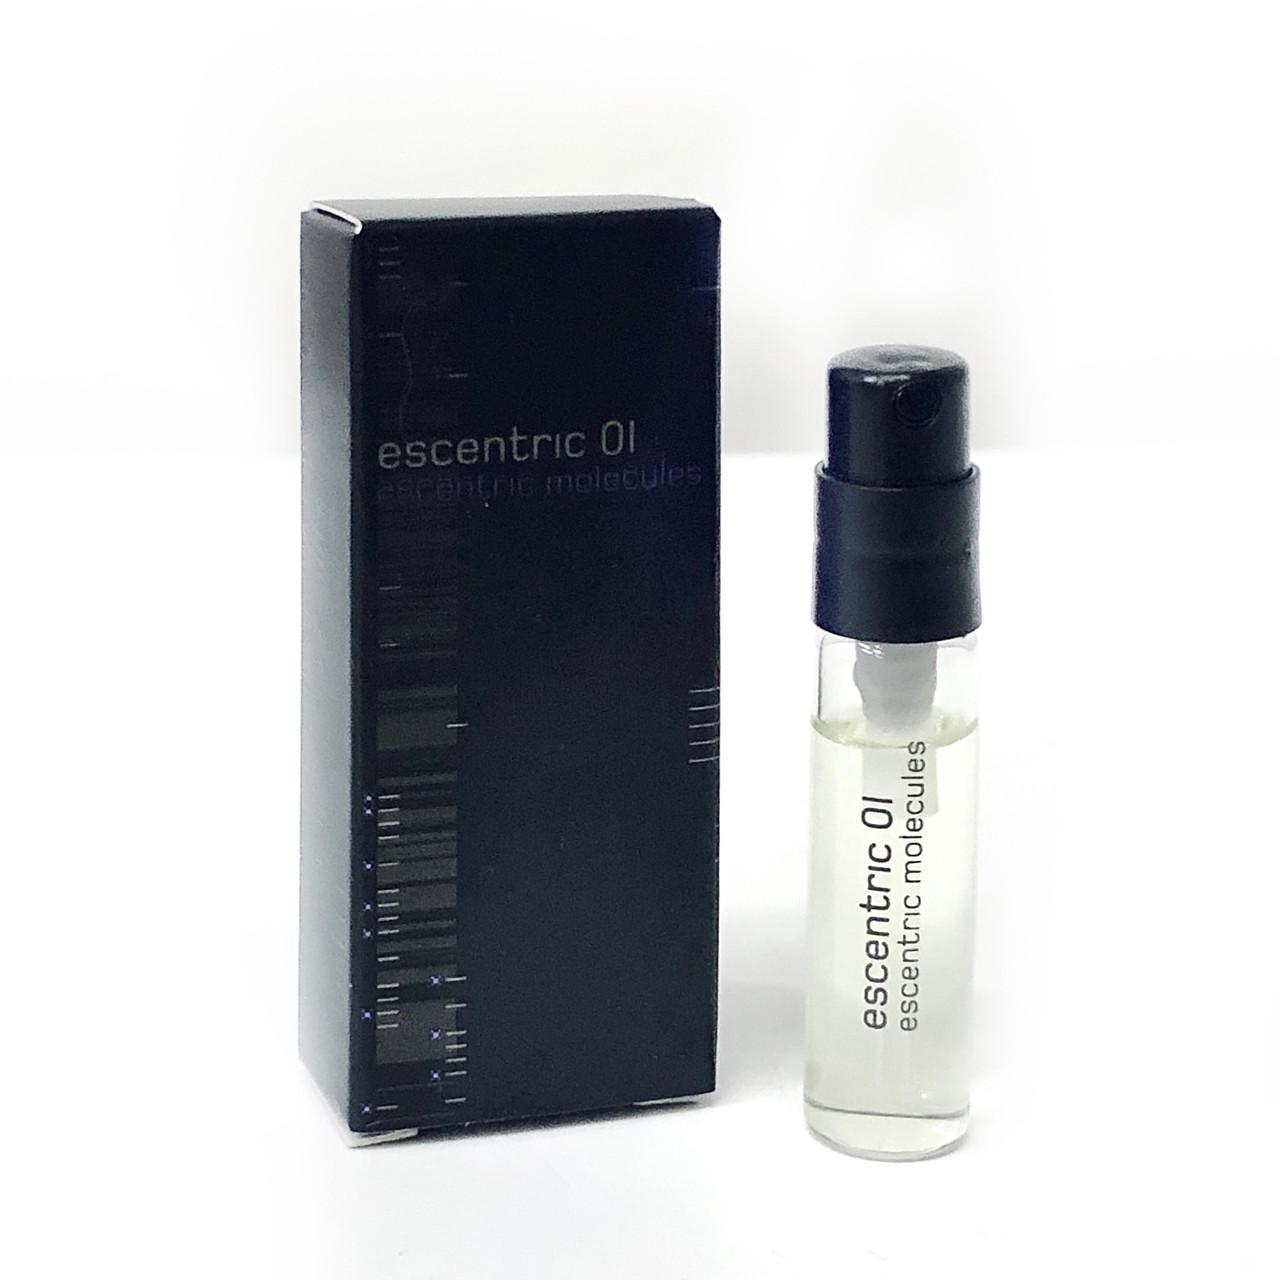 Пробник унісекс духів ESCENTRIC Molecules Escentric 01 туалетна вода 2мл, ОРИГІНАЛ квітково-мускусний аромат